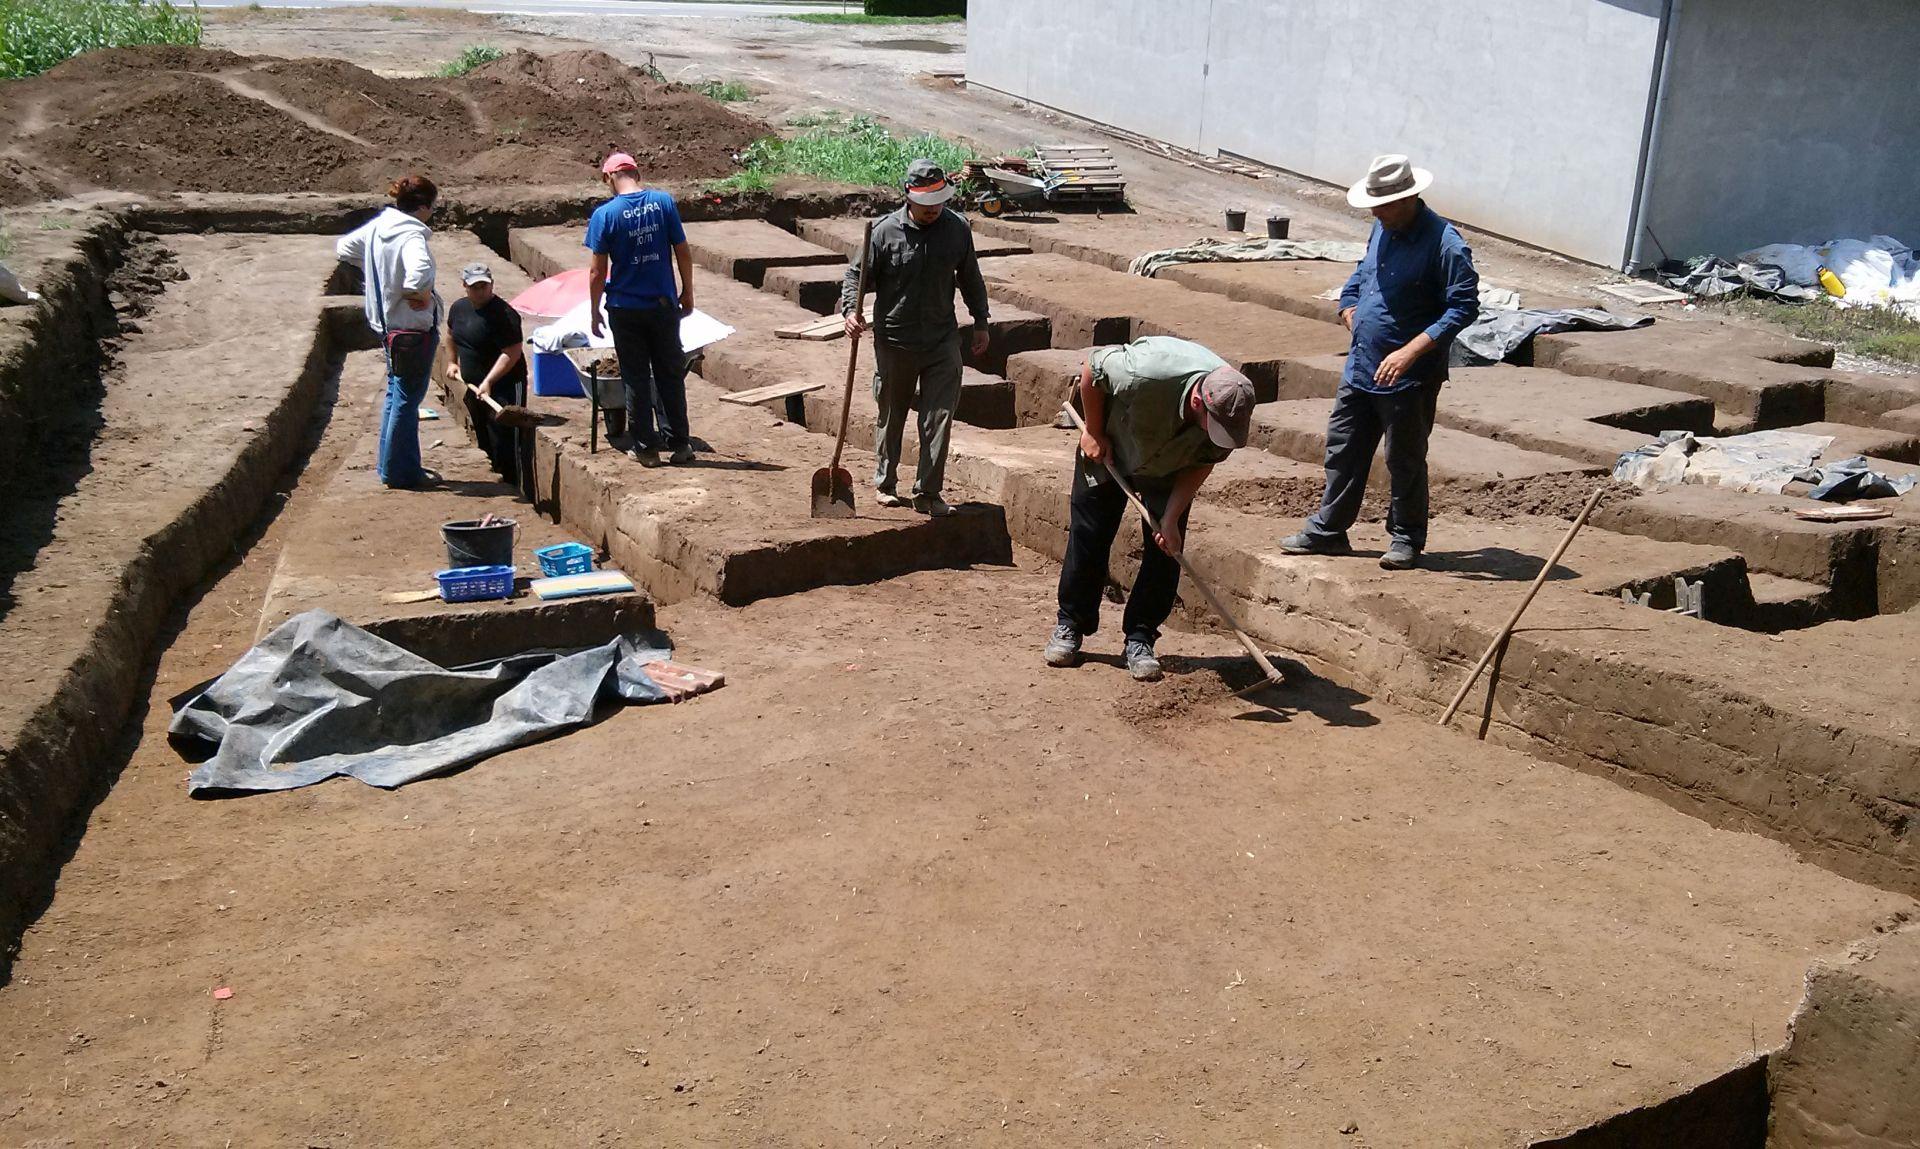 ARHEOLOGIJA: U Šarengradu otkriveno avarsko groblje iz 8. stoljeća